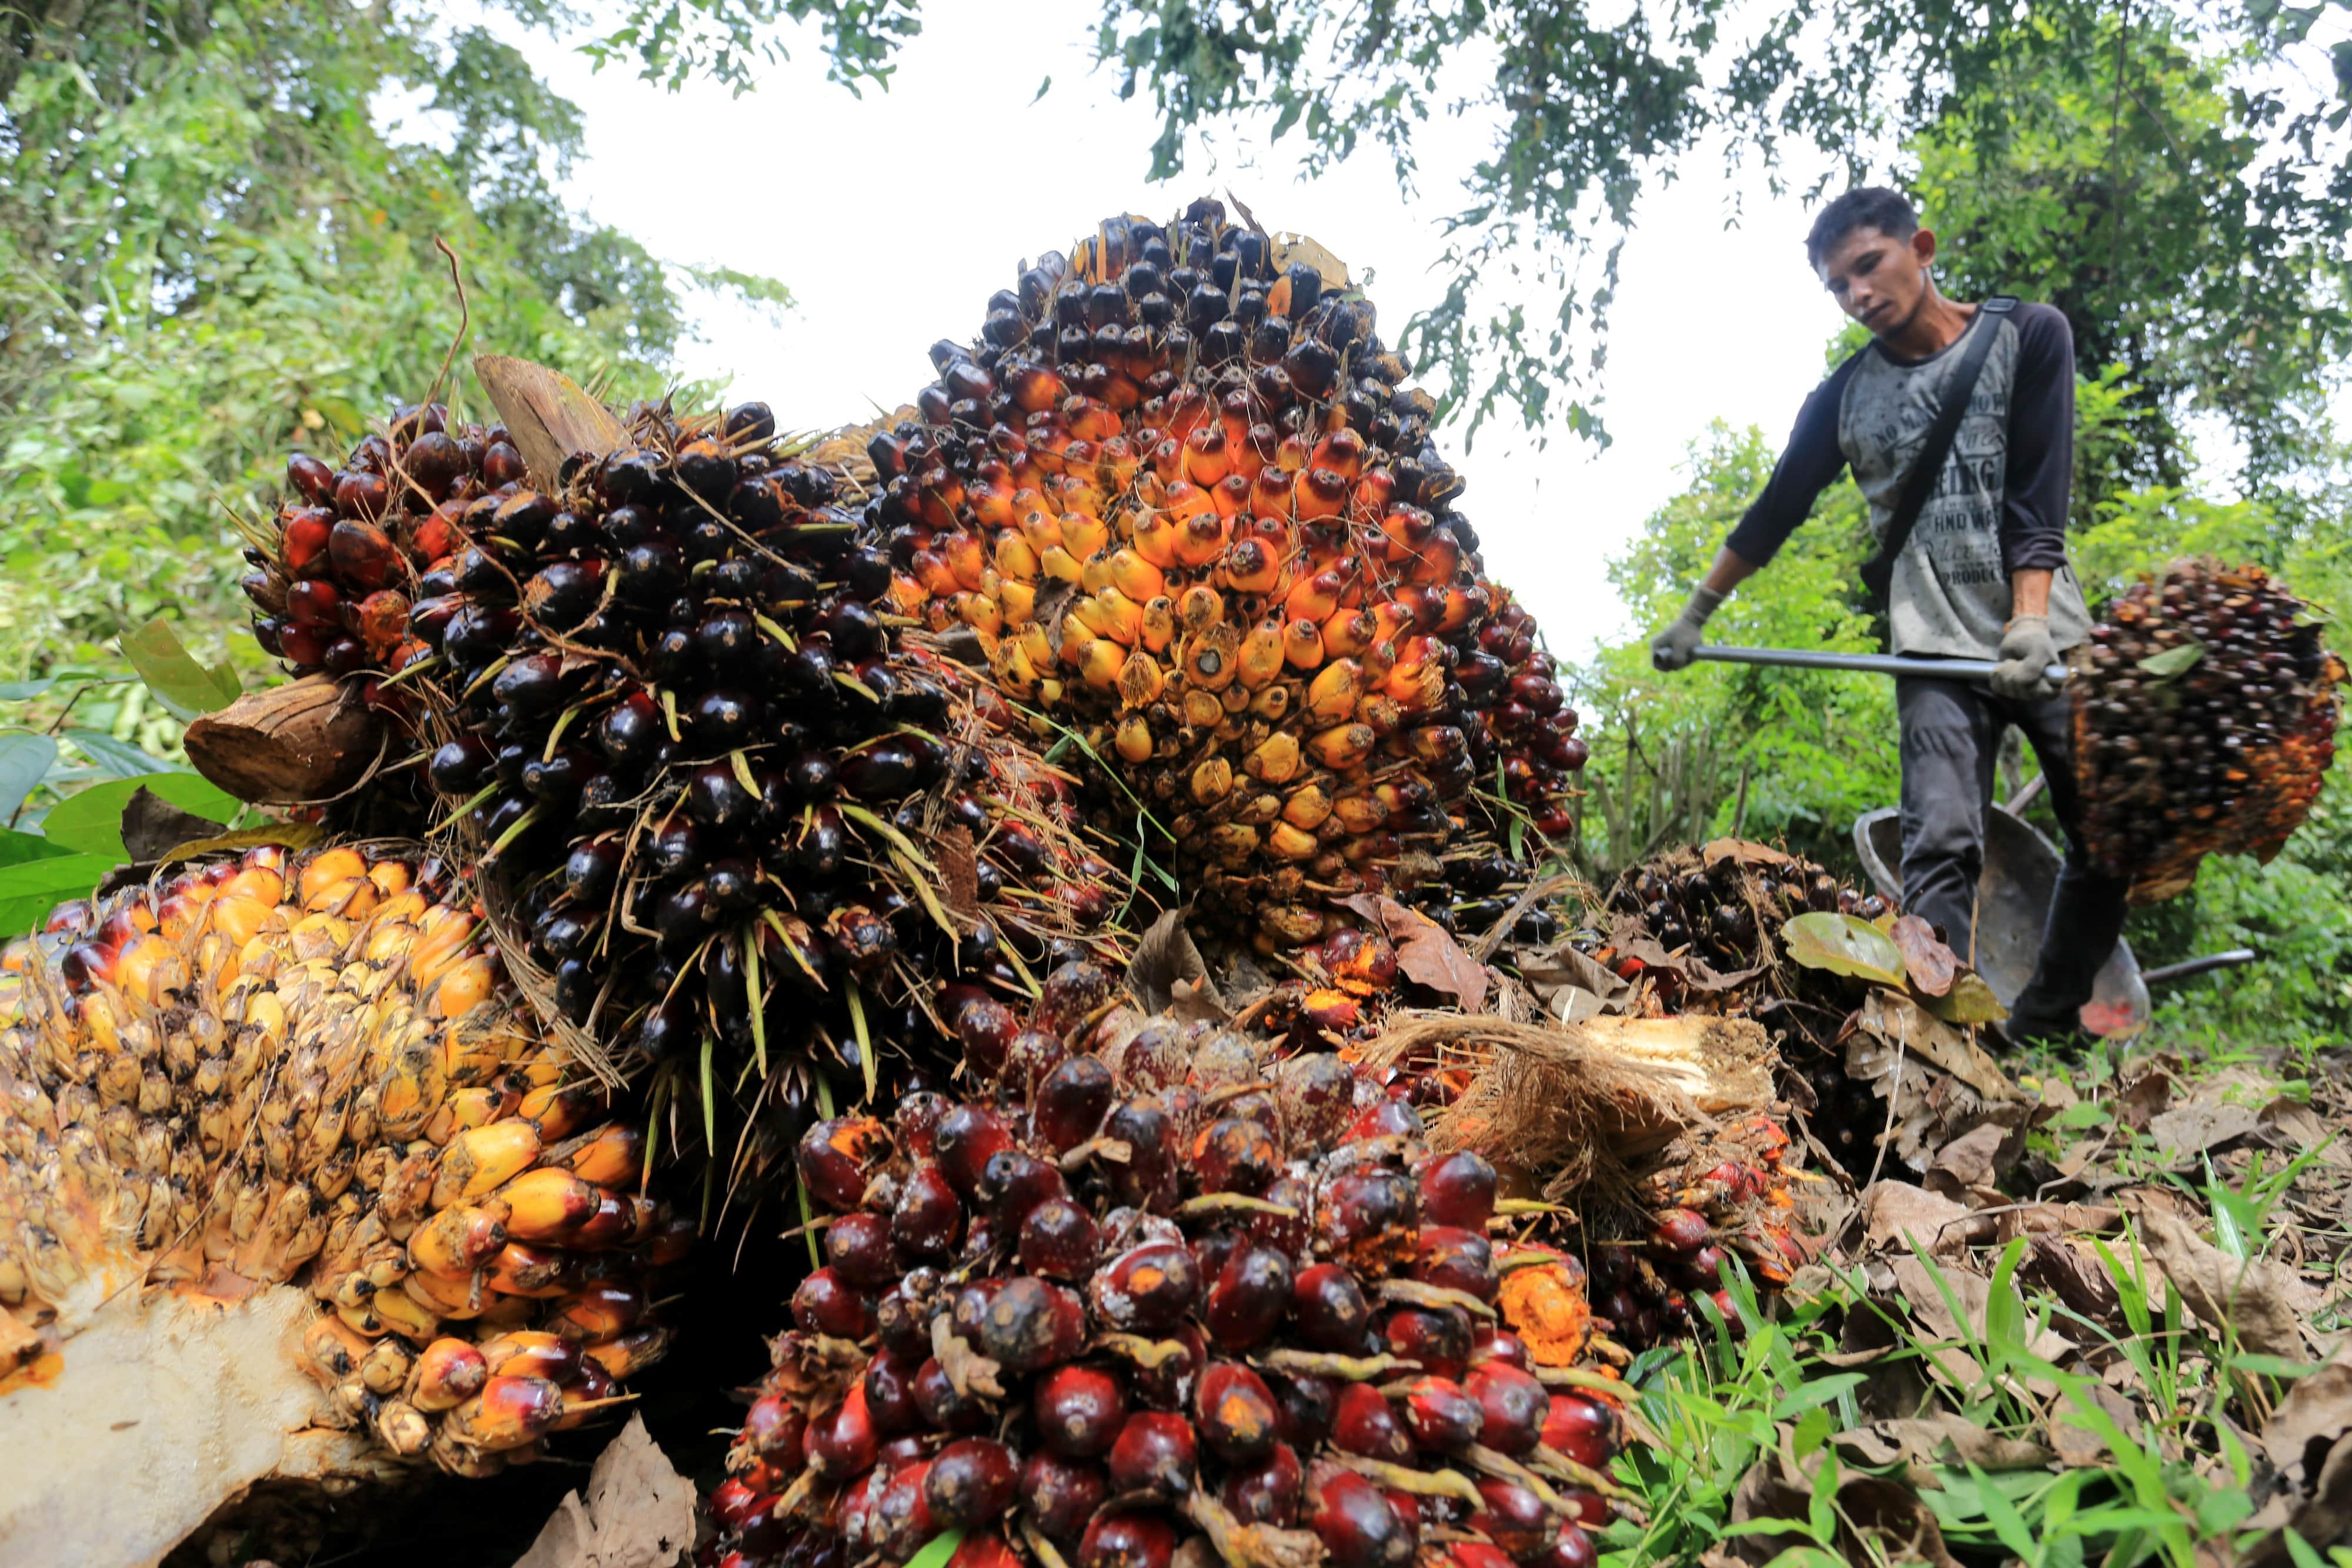 Pekerja mengangkut dan menata tandan buah segar kelapa sawit saat panen di Desa Jalin,, Aceh, Senin (23/8/2021).